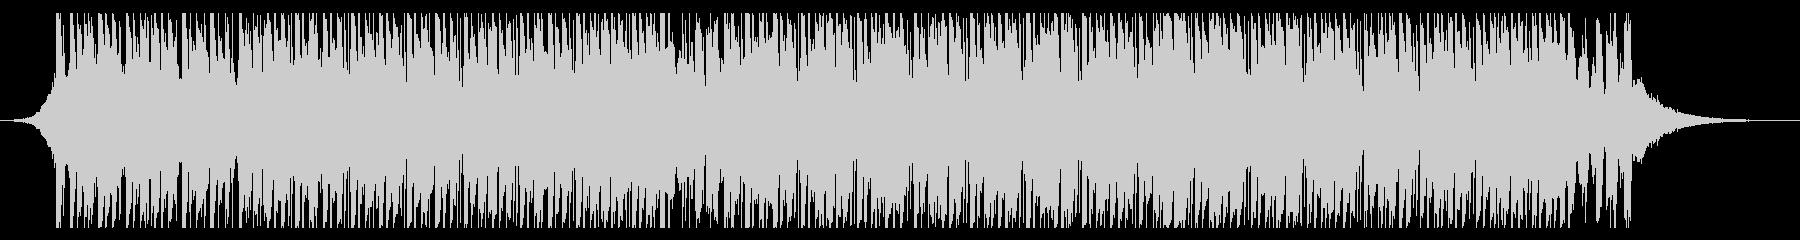 ダンス(60秒)の未再生の波形